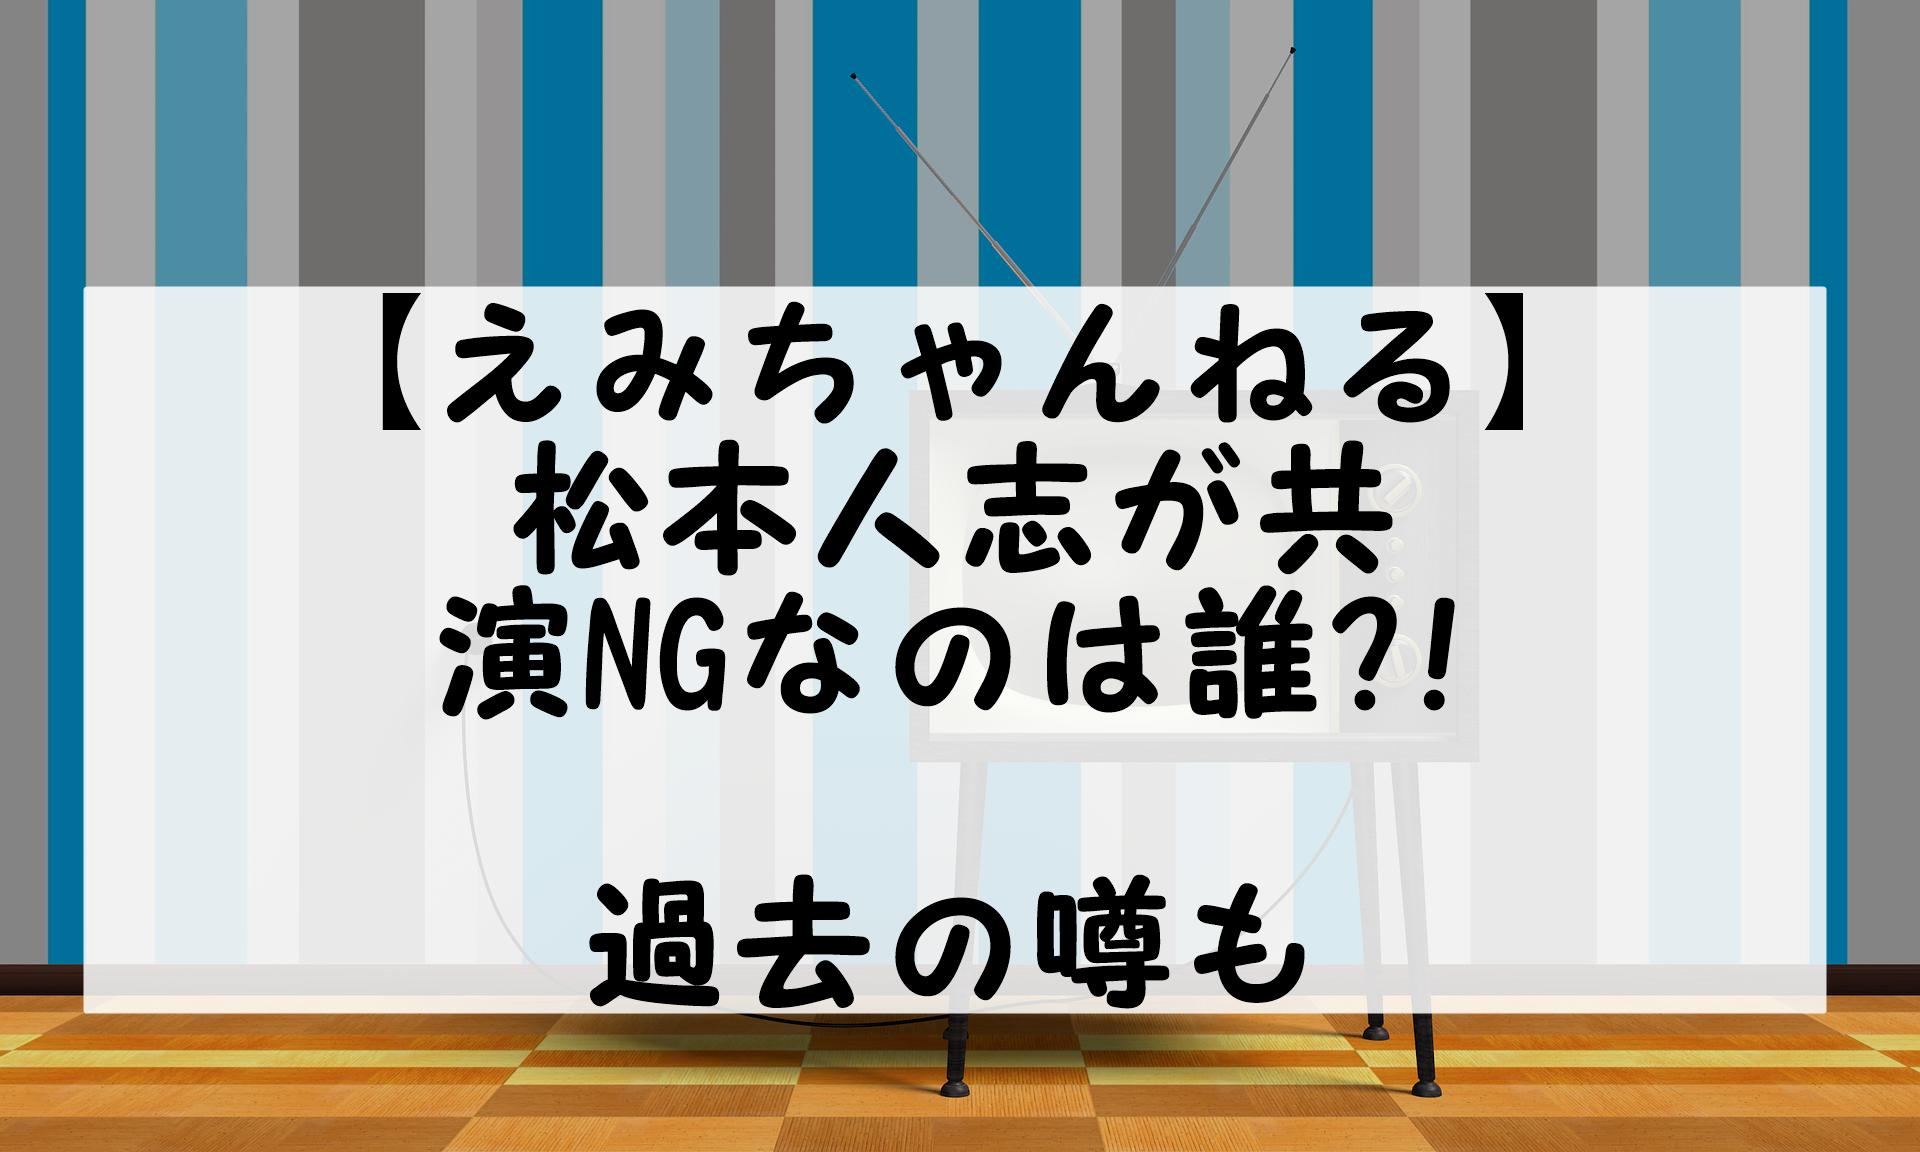 ダウンタウン松本人志の共演NGは誰?!【えみちゃんねる】過去の噂と真相